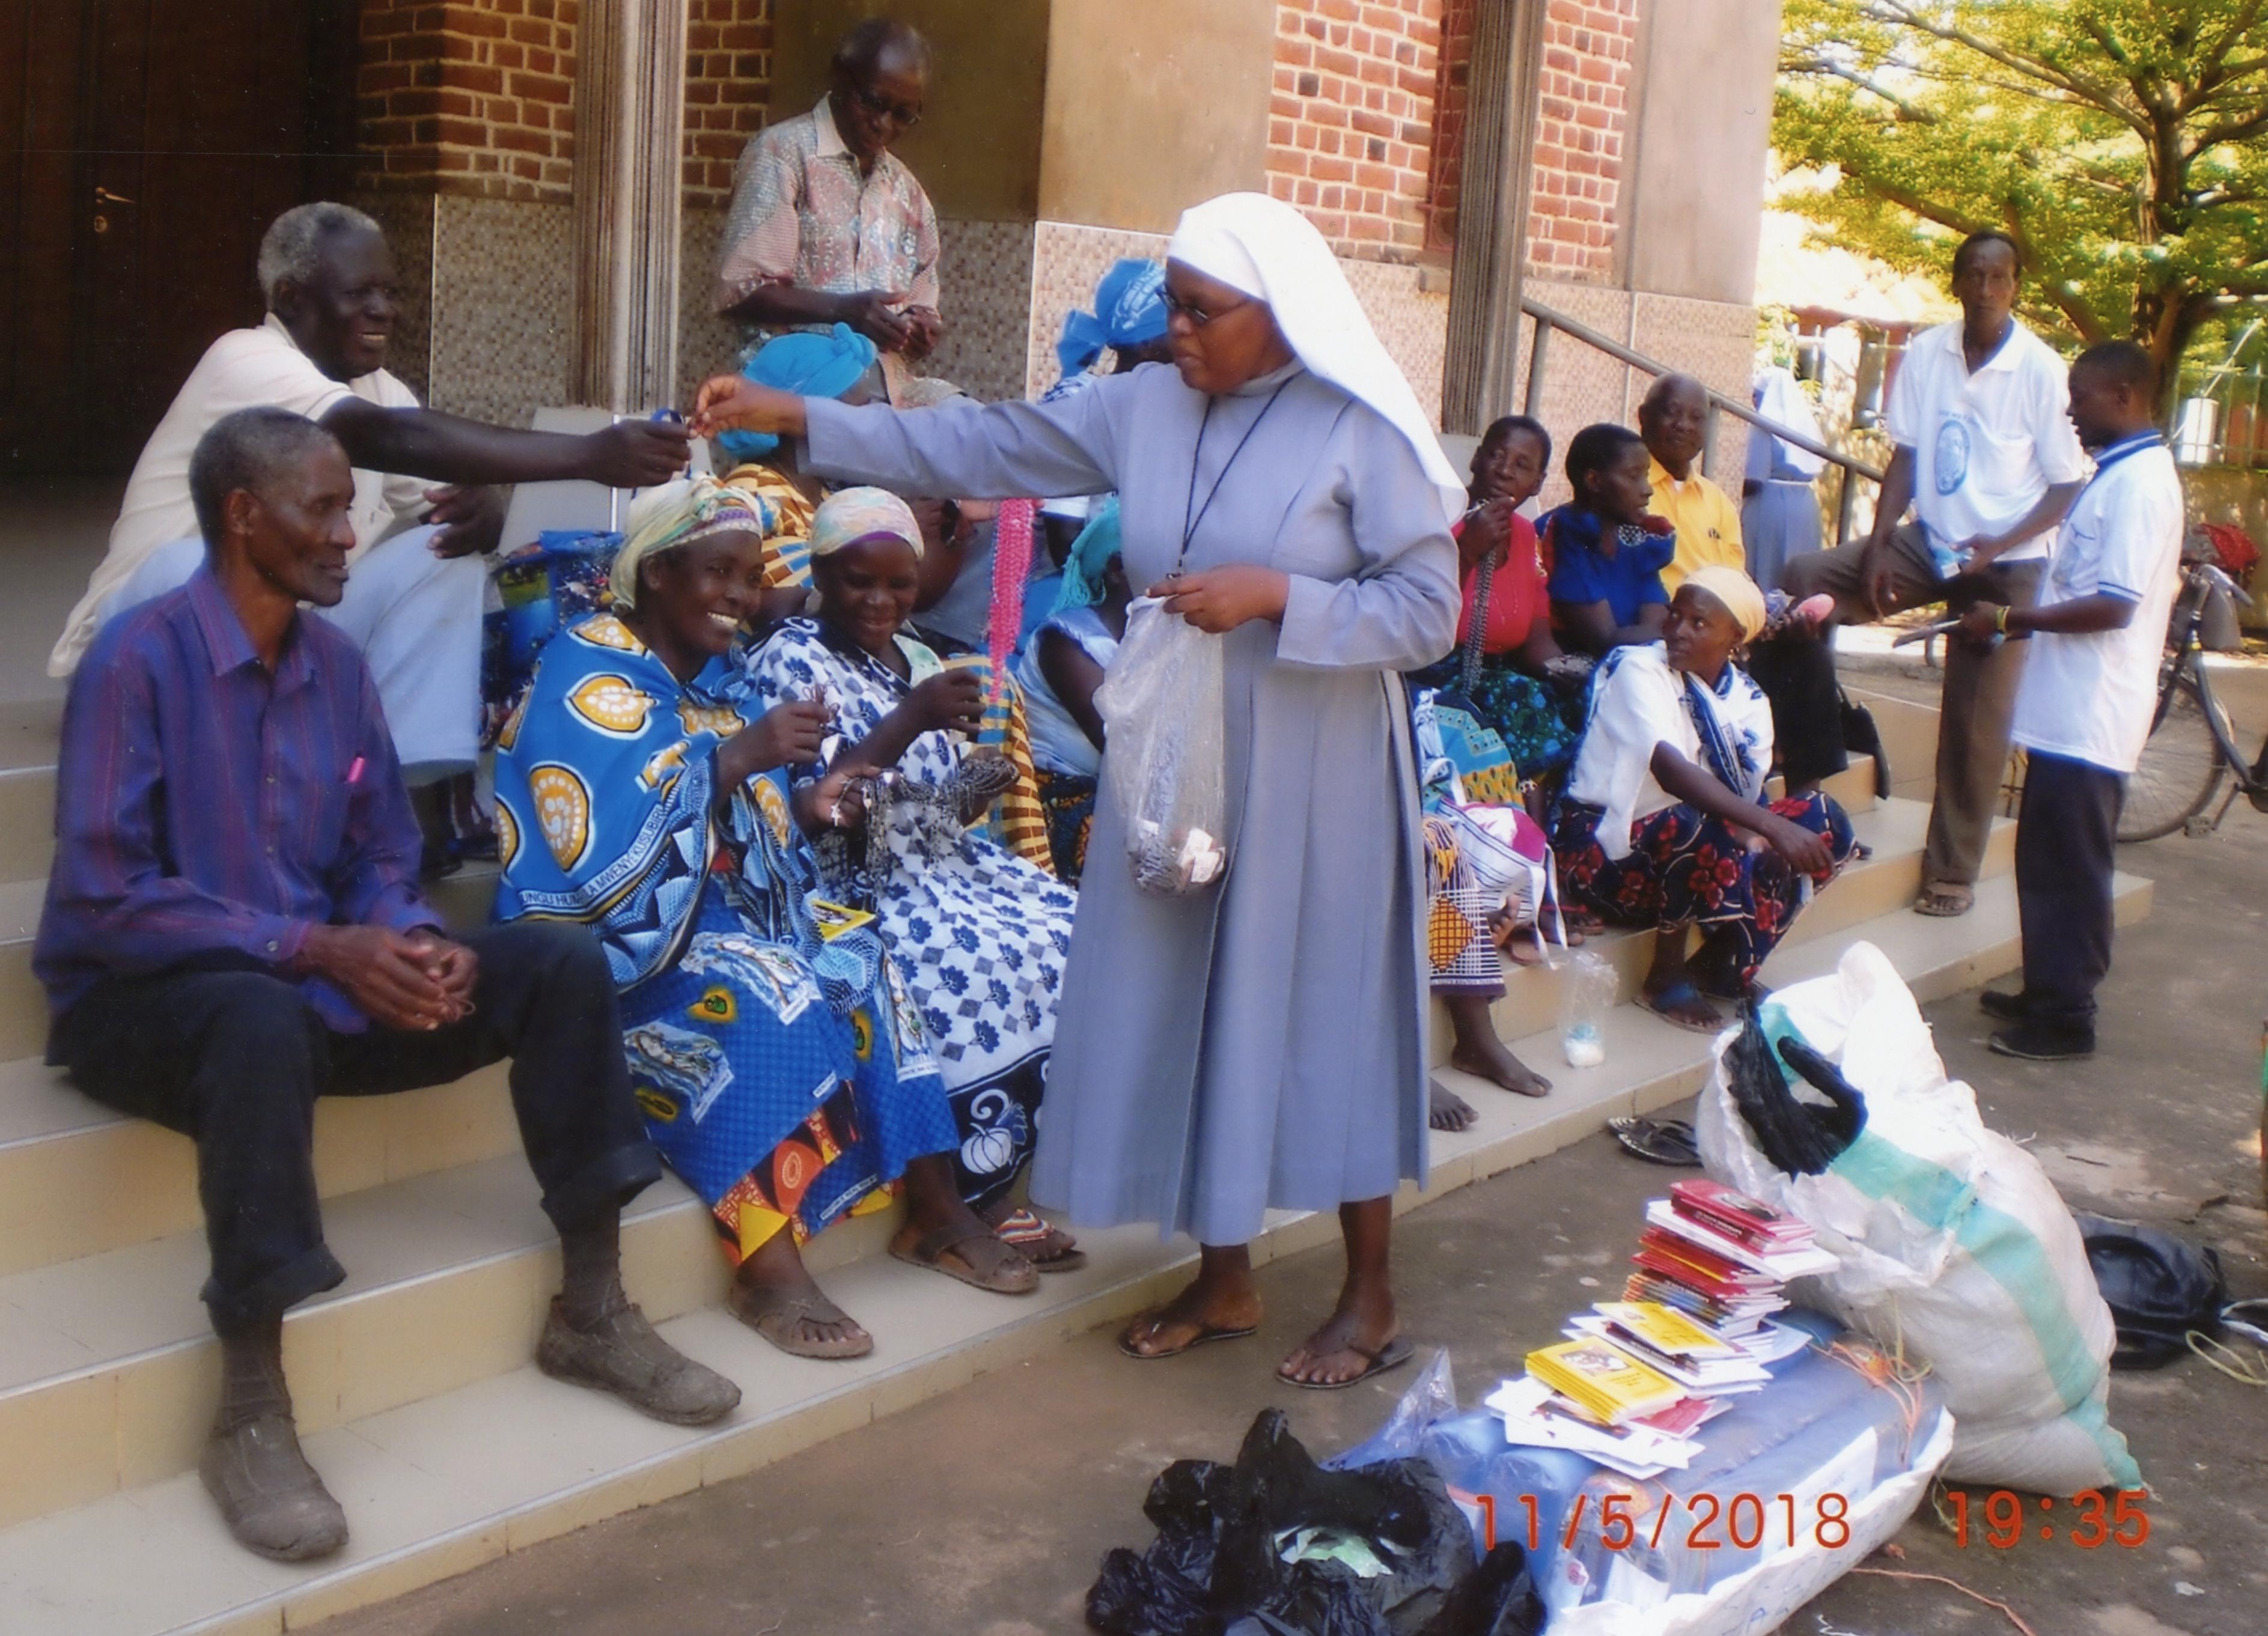 Hasta Tanzania 30 bicicletas, rosarios, libros para el apostolado de Fátima